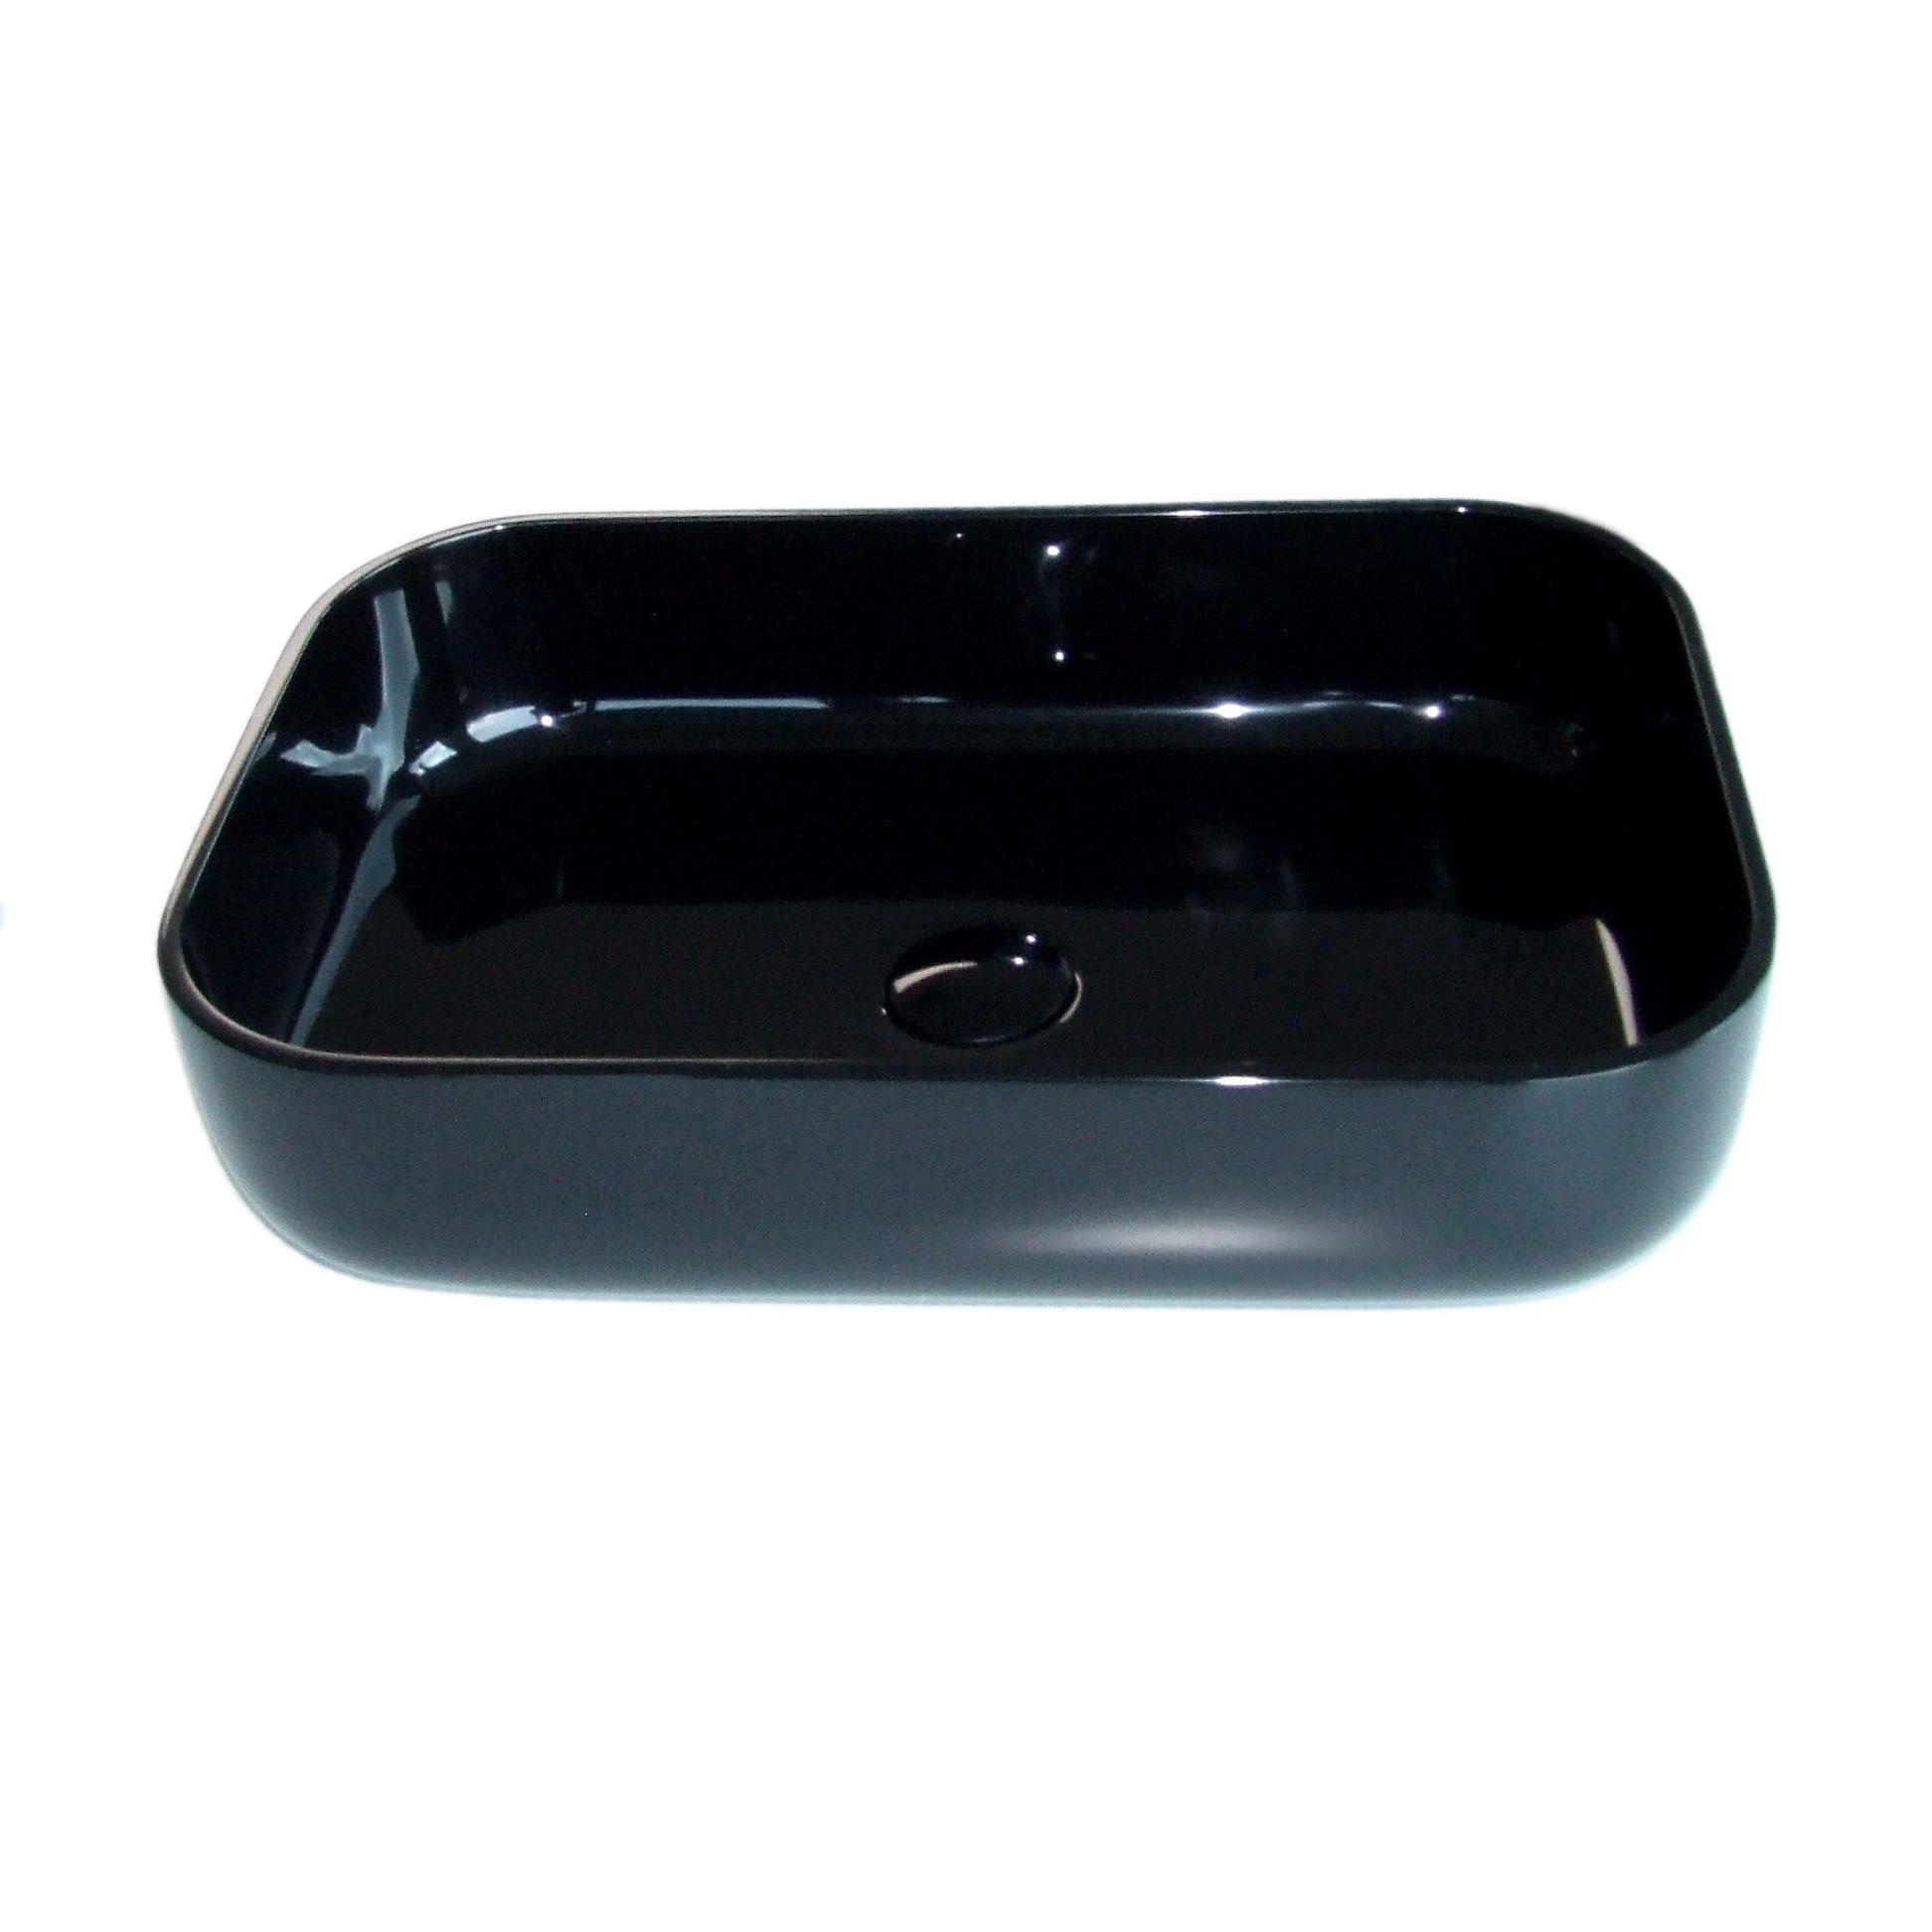 Waschbecken Pop-up Blende aus Mineralguss für Ablaufgarnitur - Farbe Schwarz Glänzend zoom thumbnail 4